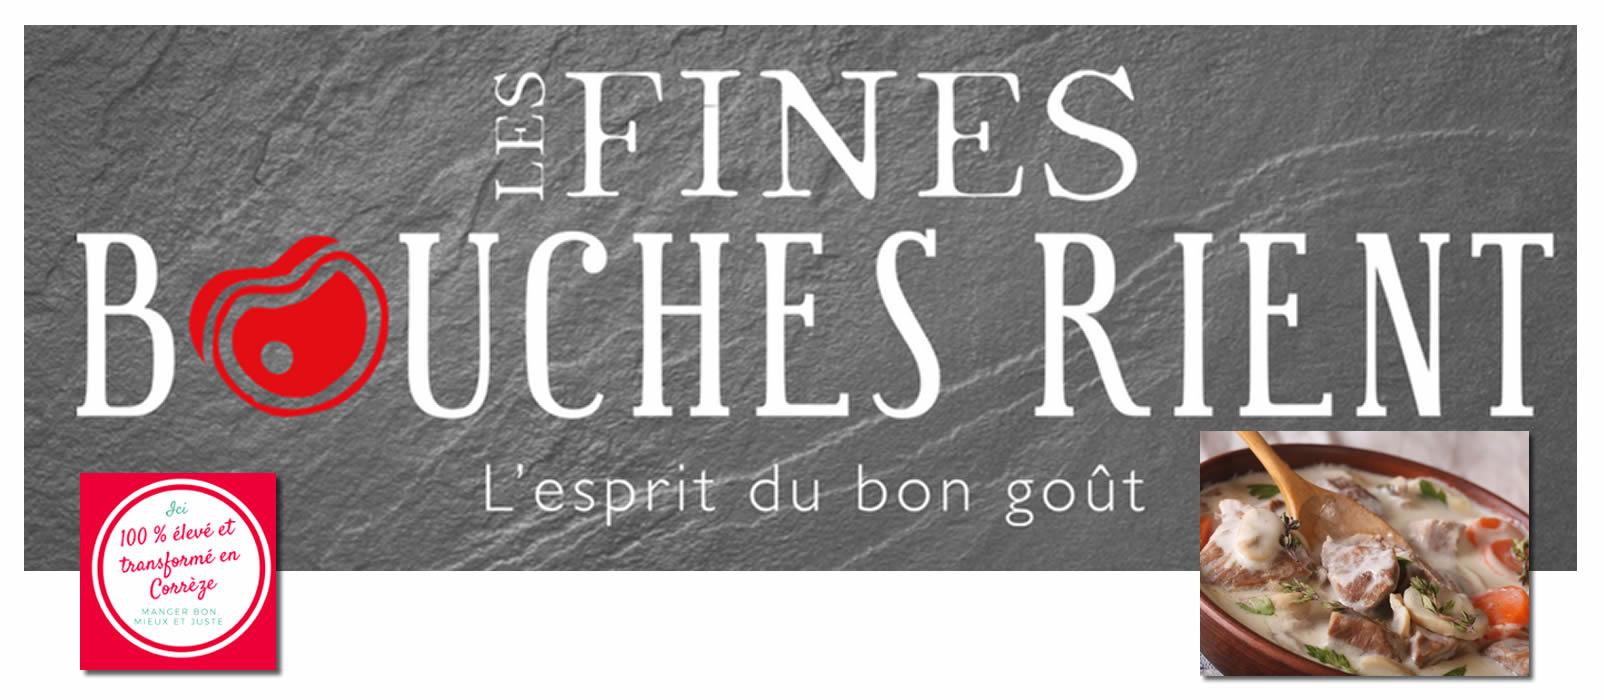 Photo partenaire - Les fines bouches Rient - Boucherie charcuterie nouvelle génération - Bienvenue à la Vérénerie -  Chambres et table d'hôtes